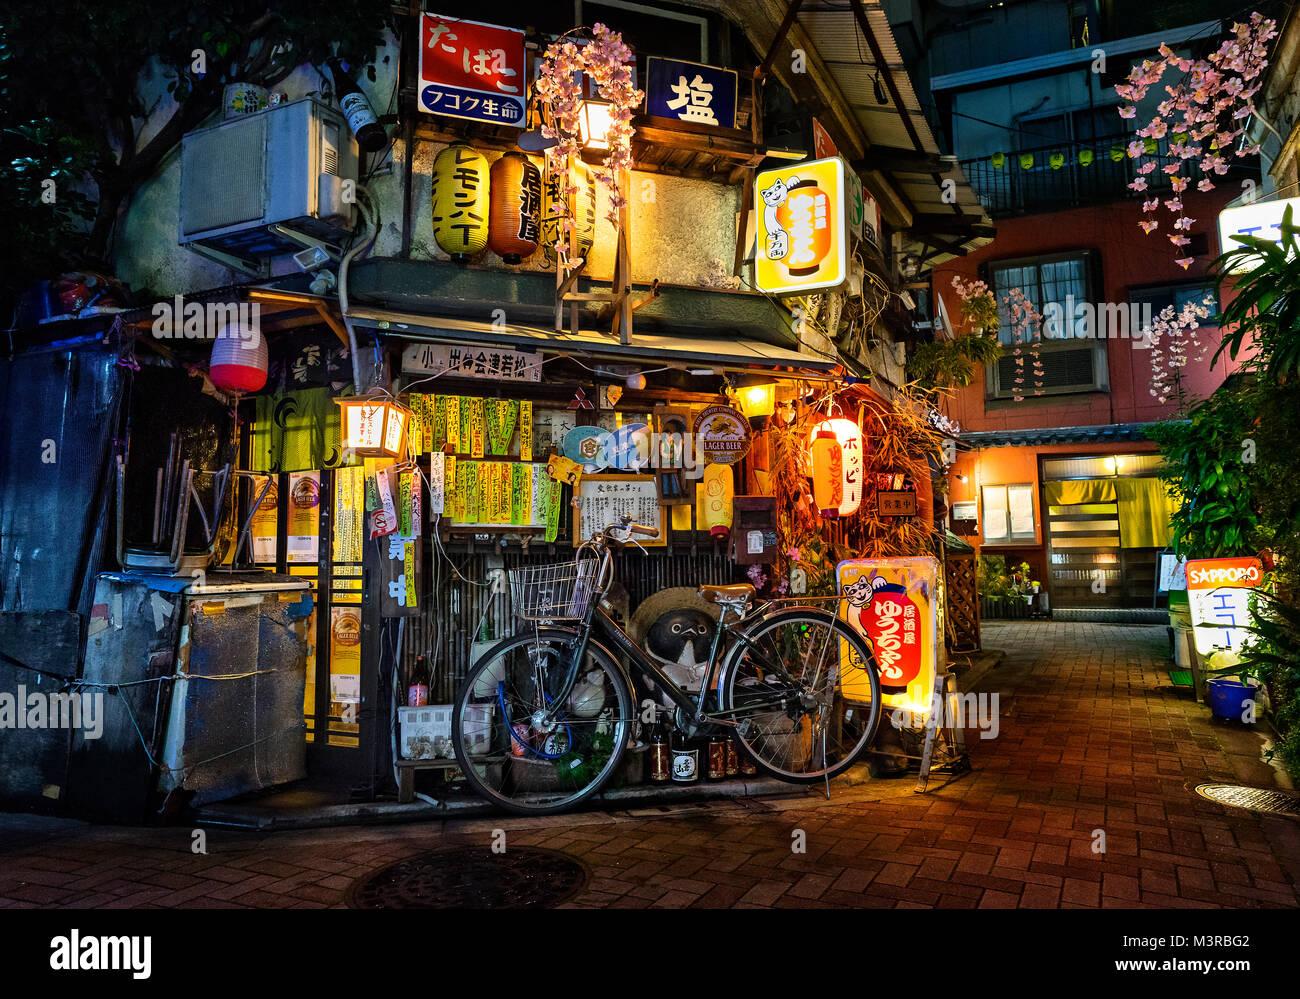 Giappone, isola di Honshu, Kanto, Tokyo, pittoresco vicolo. Immagini Stock